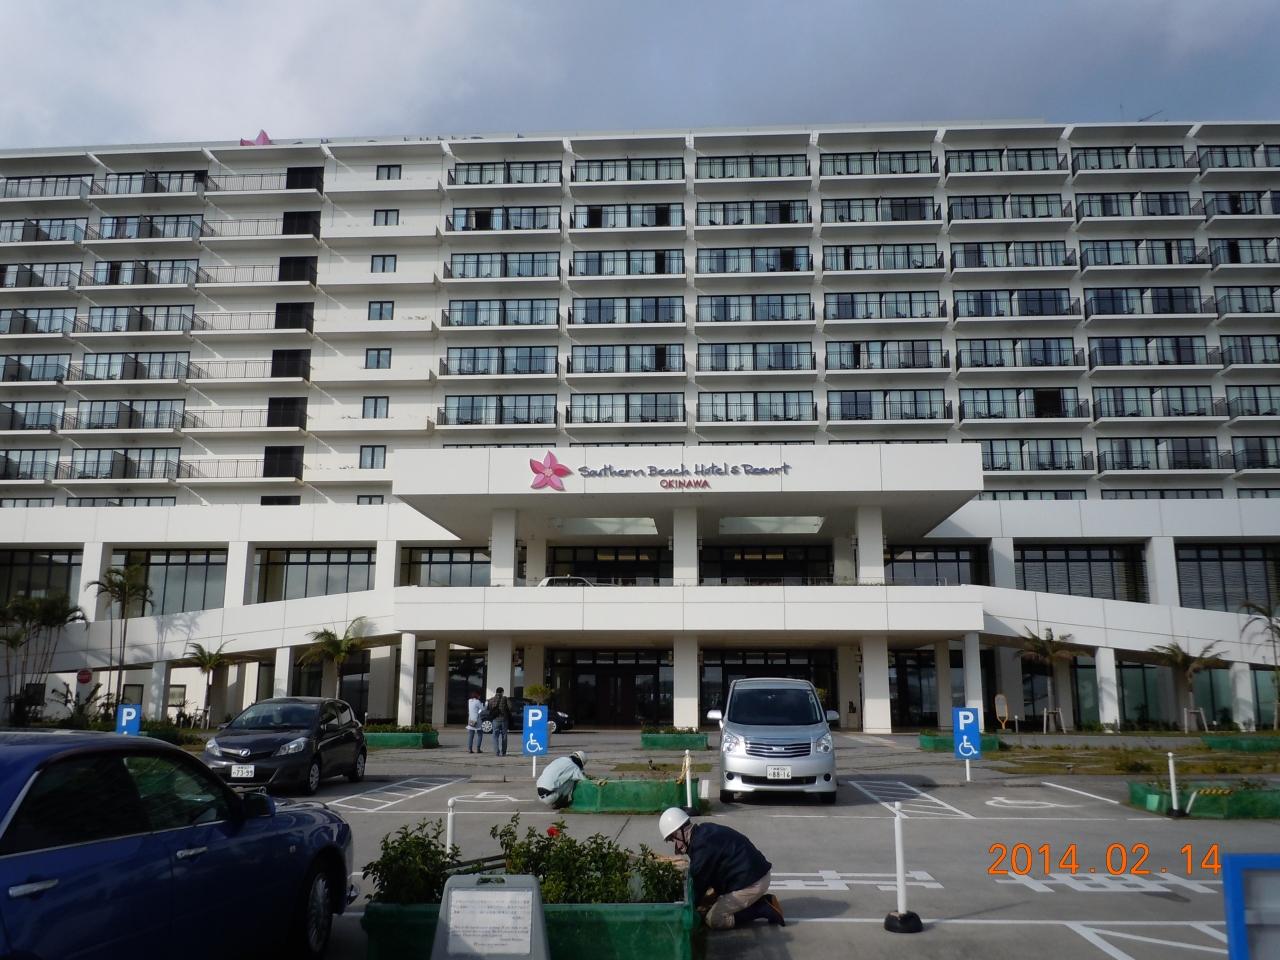 仲泊海産物料理店 ( 沖縄県 ) - どらん軒日記 - Yahoo!ブログ